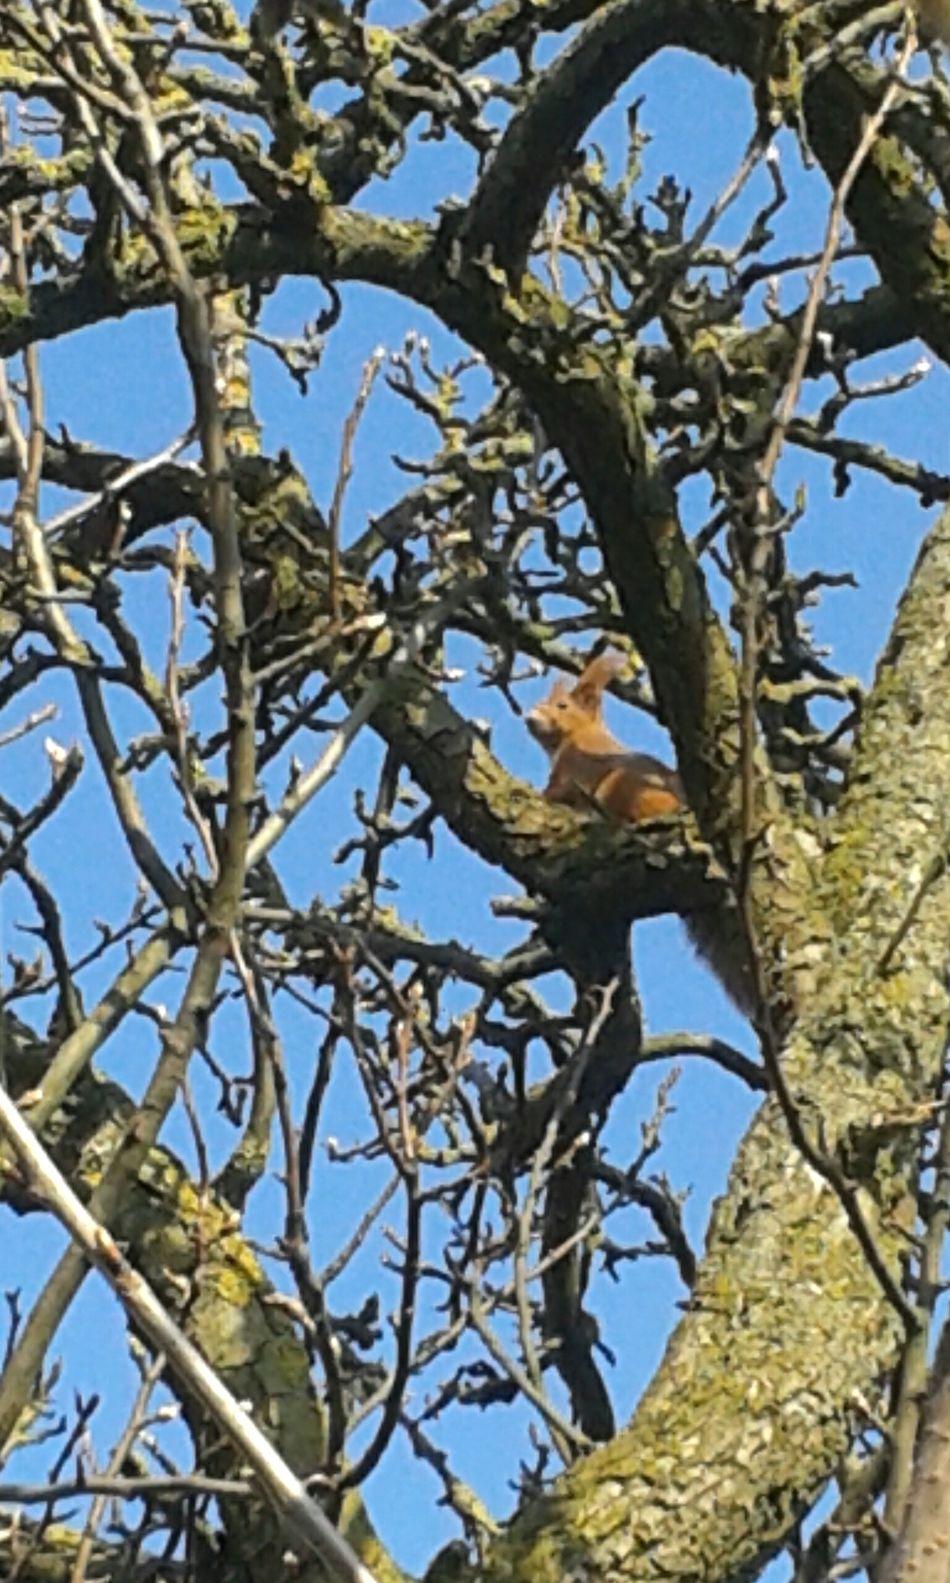 Squirrel tree nature no people day outdoors close-up photography photo♡ photoart phone photography photo photooftheday Amazing Poland Girl Photographer Sunday Sundaymorning Sun